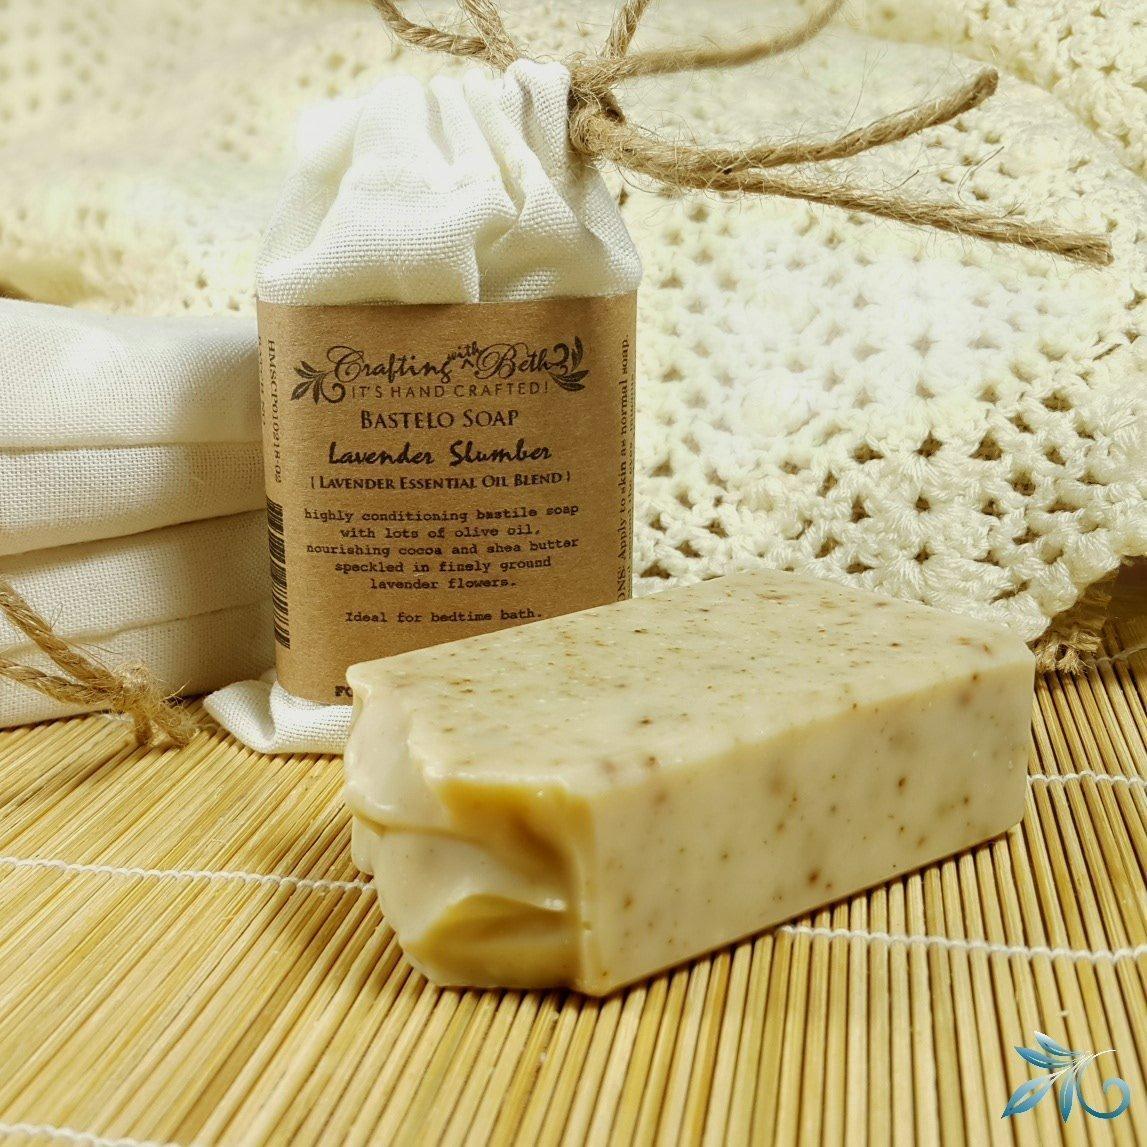 Handmade Bastile Soap with Relaxing Lavender - Lavender Slumber